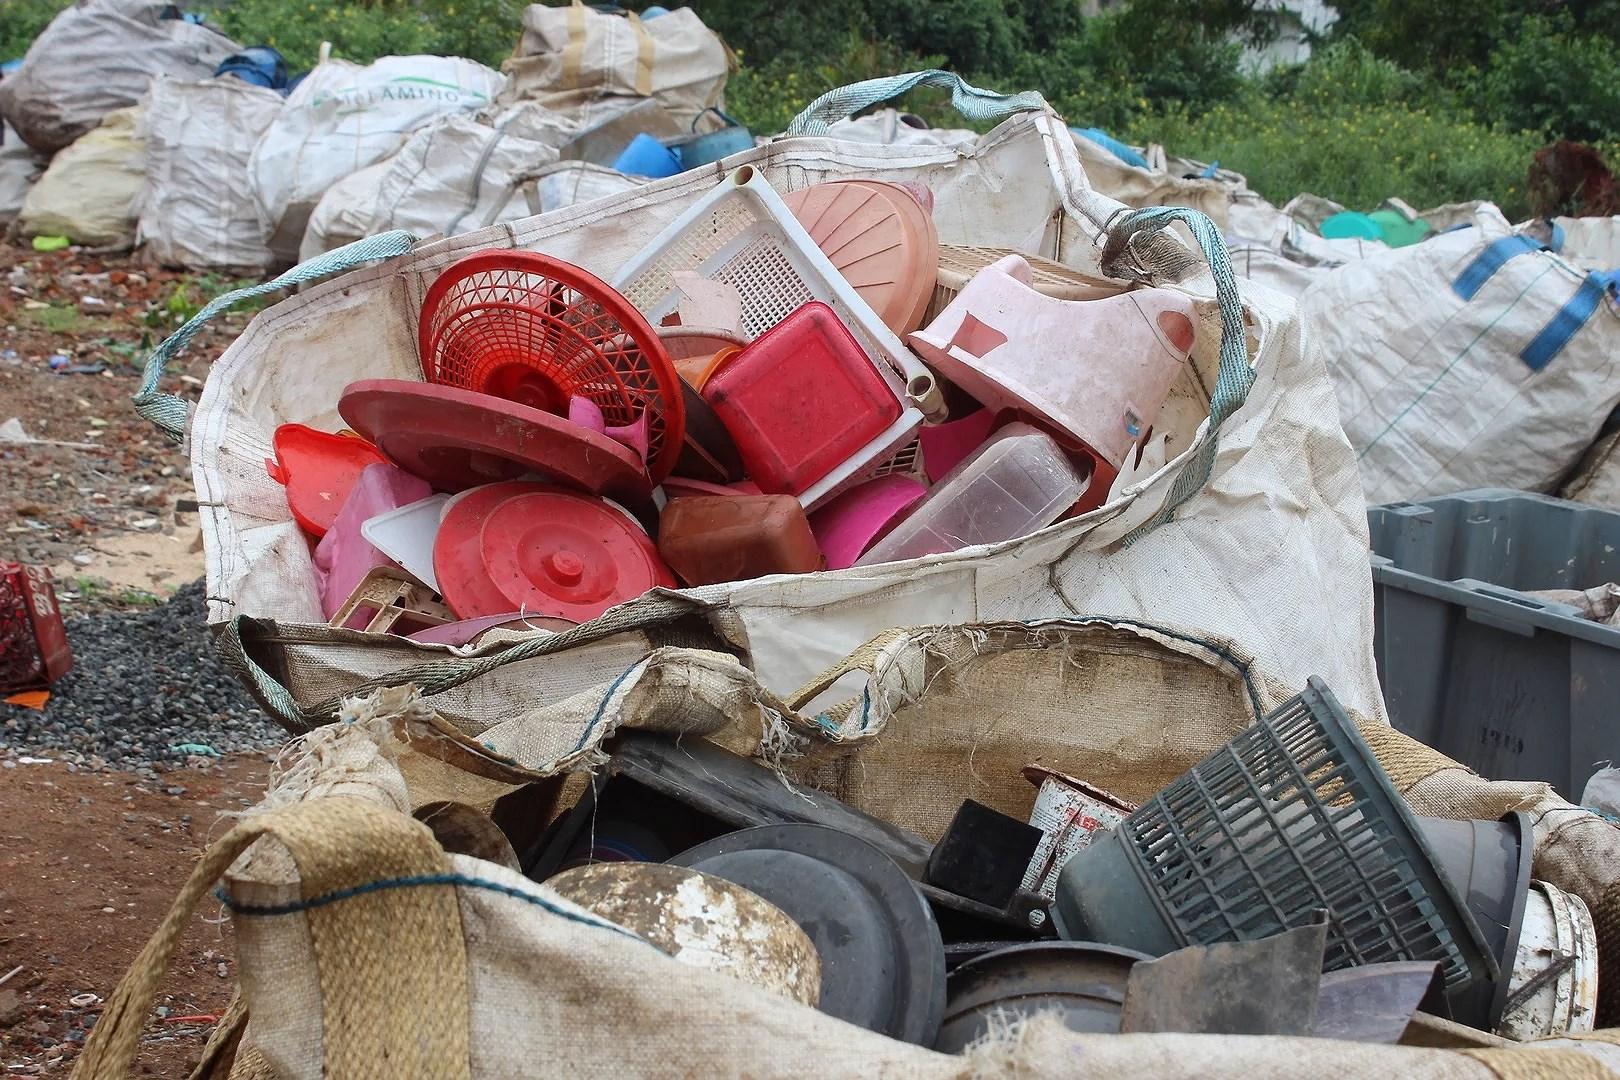 Plaståtervinning - Plastics recycling